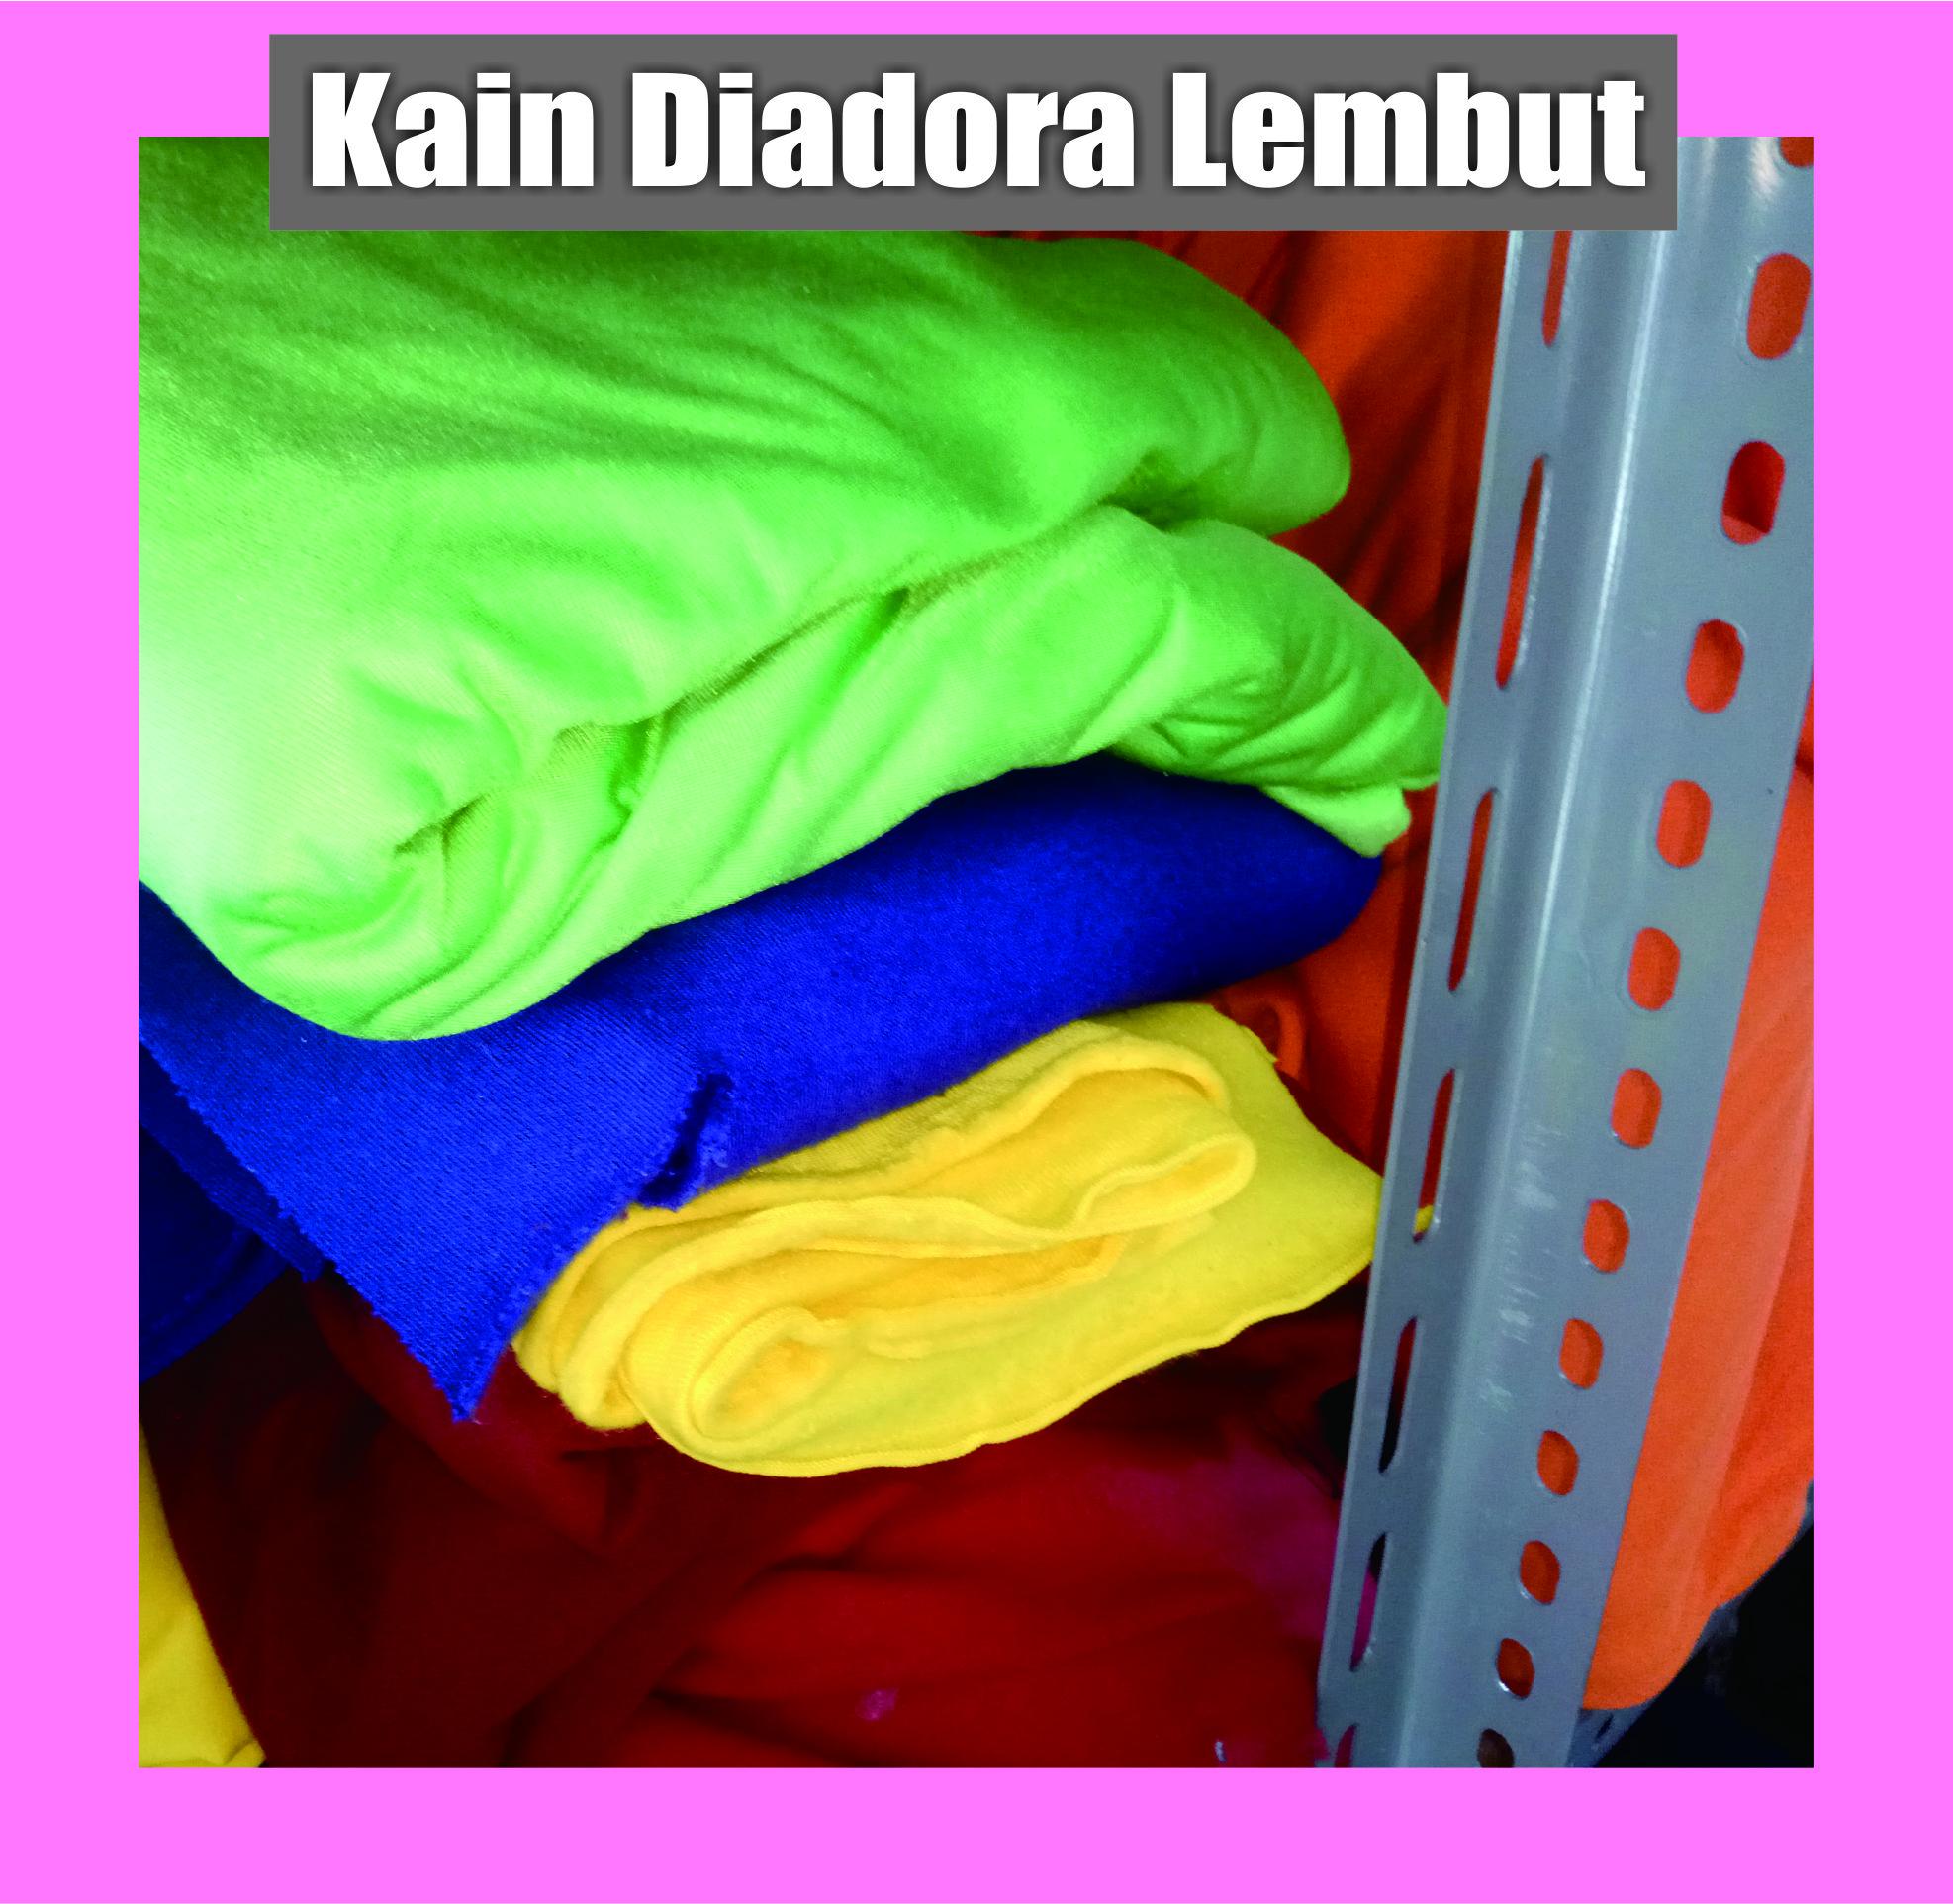 Kain Diadora Lembut